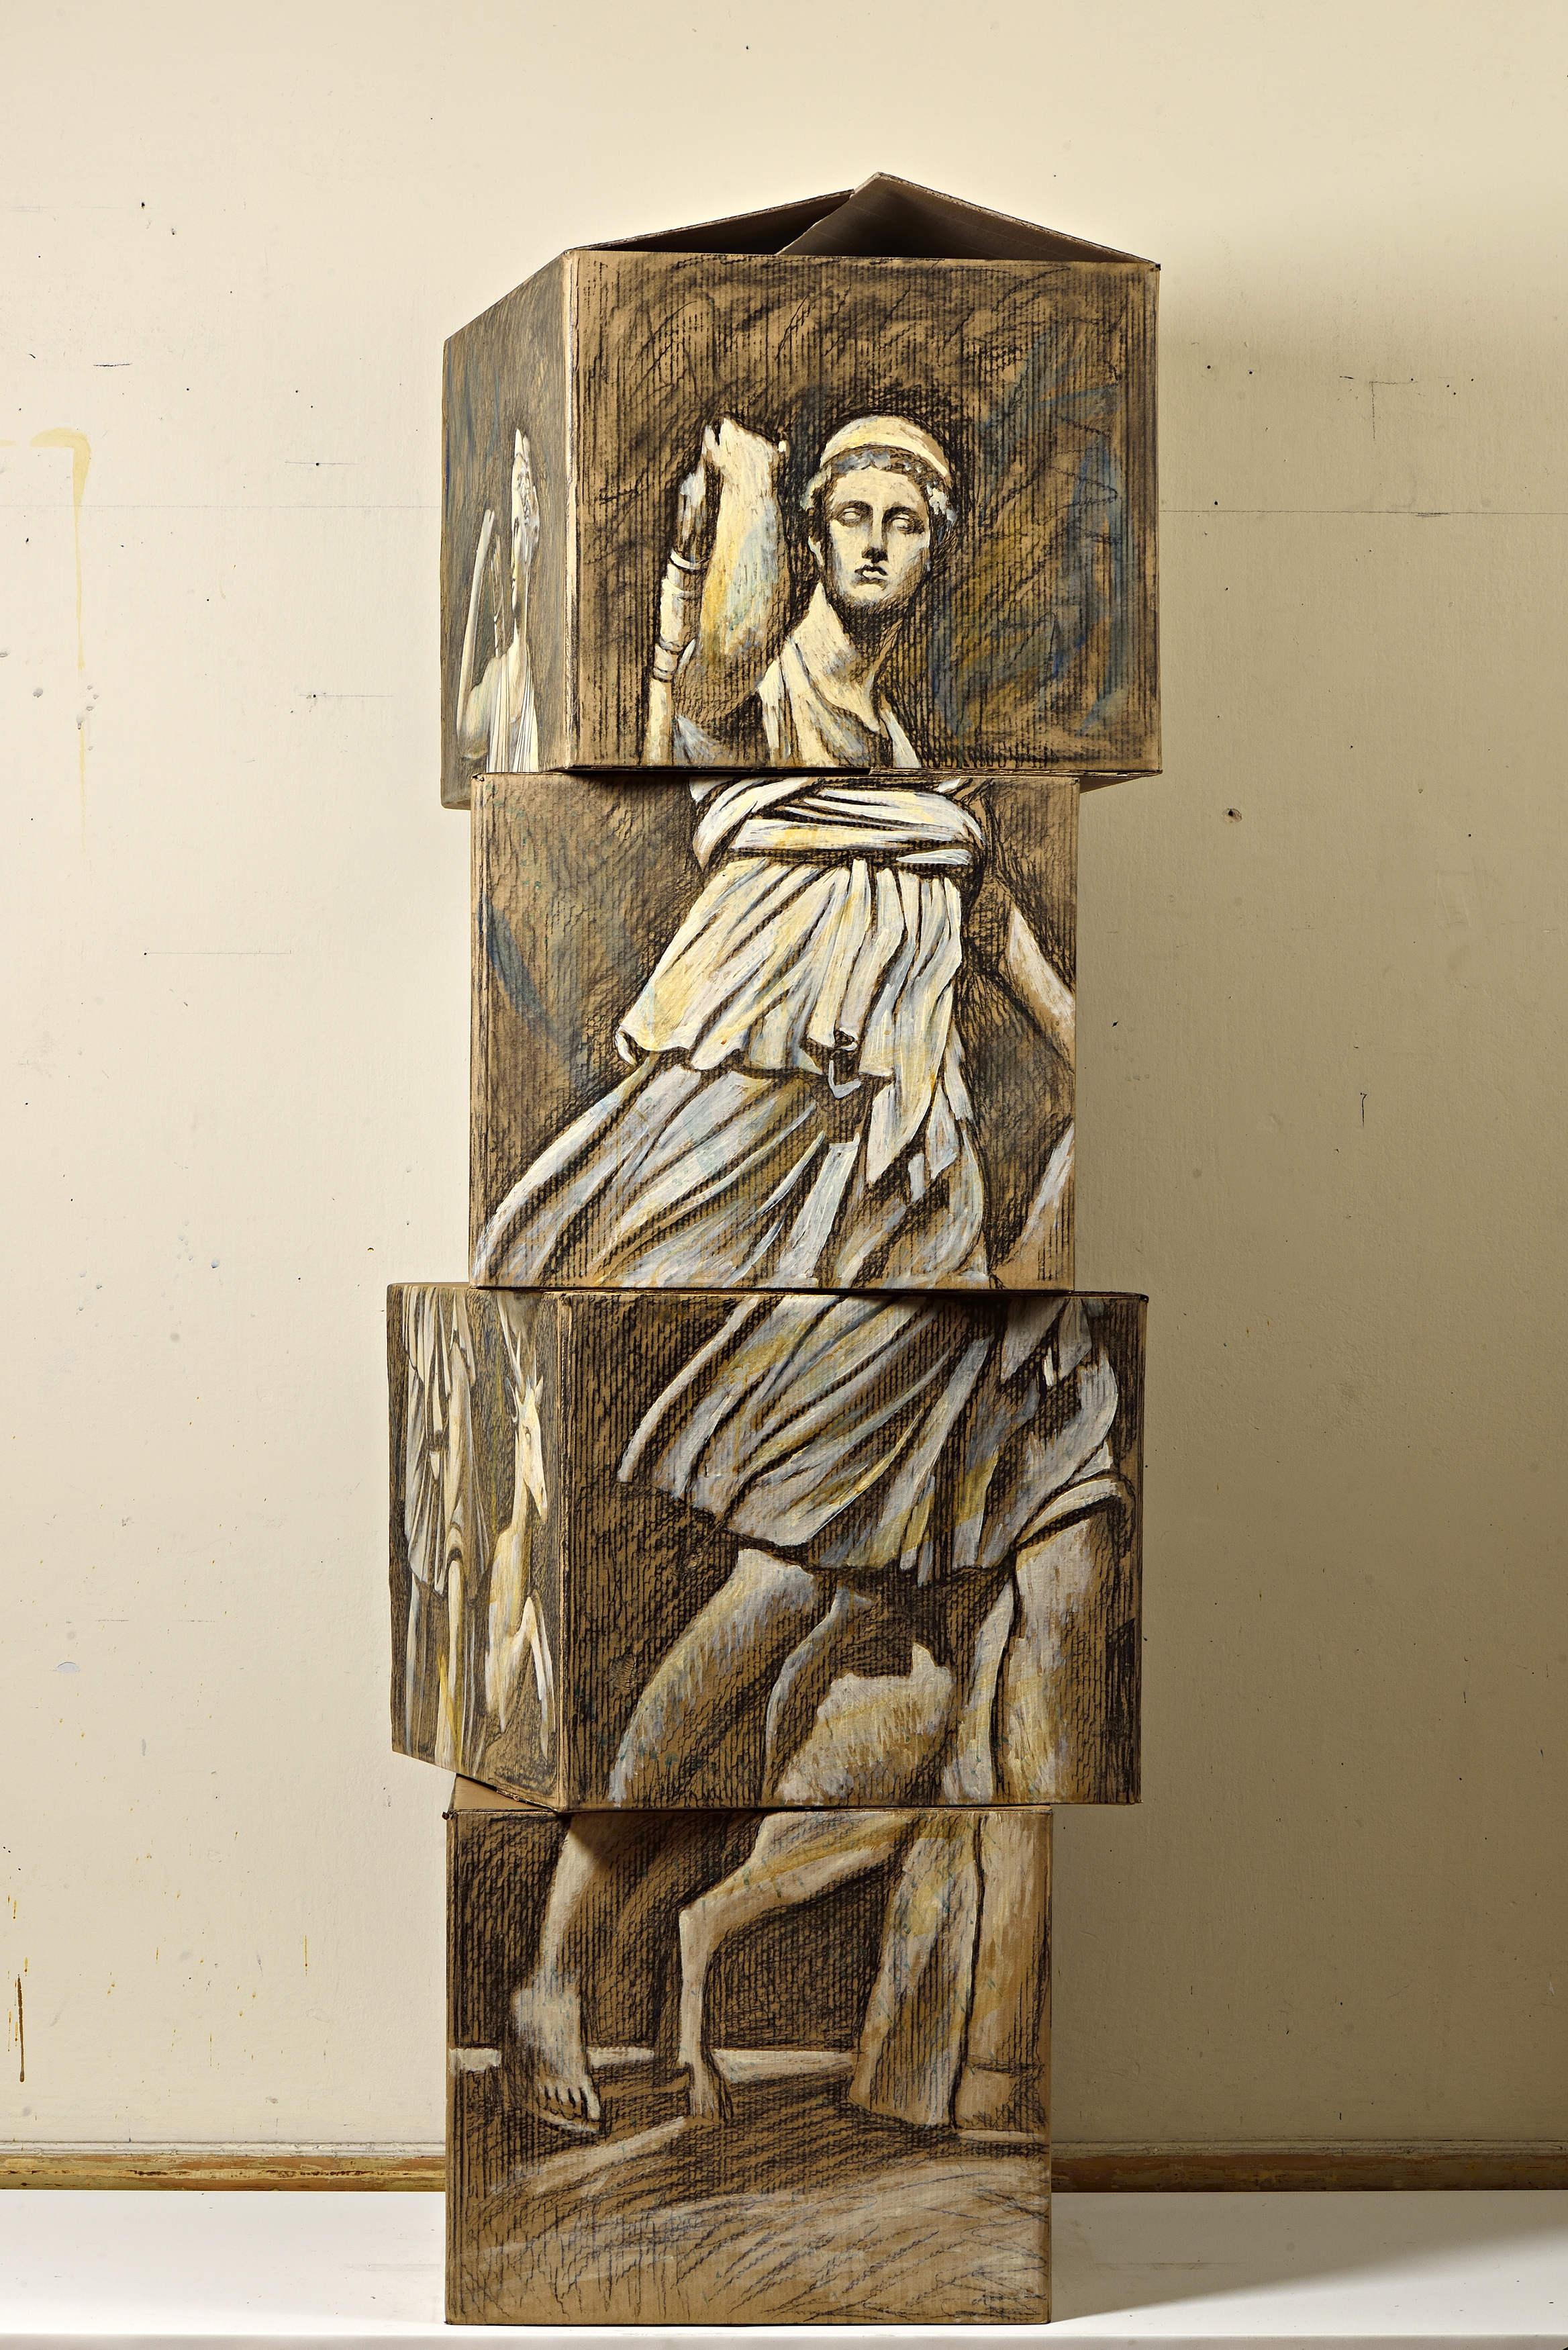 artemis_louvre_museum Pavlos Samios